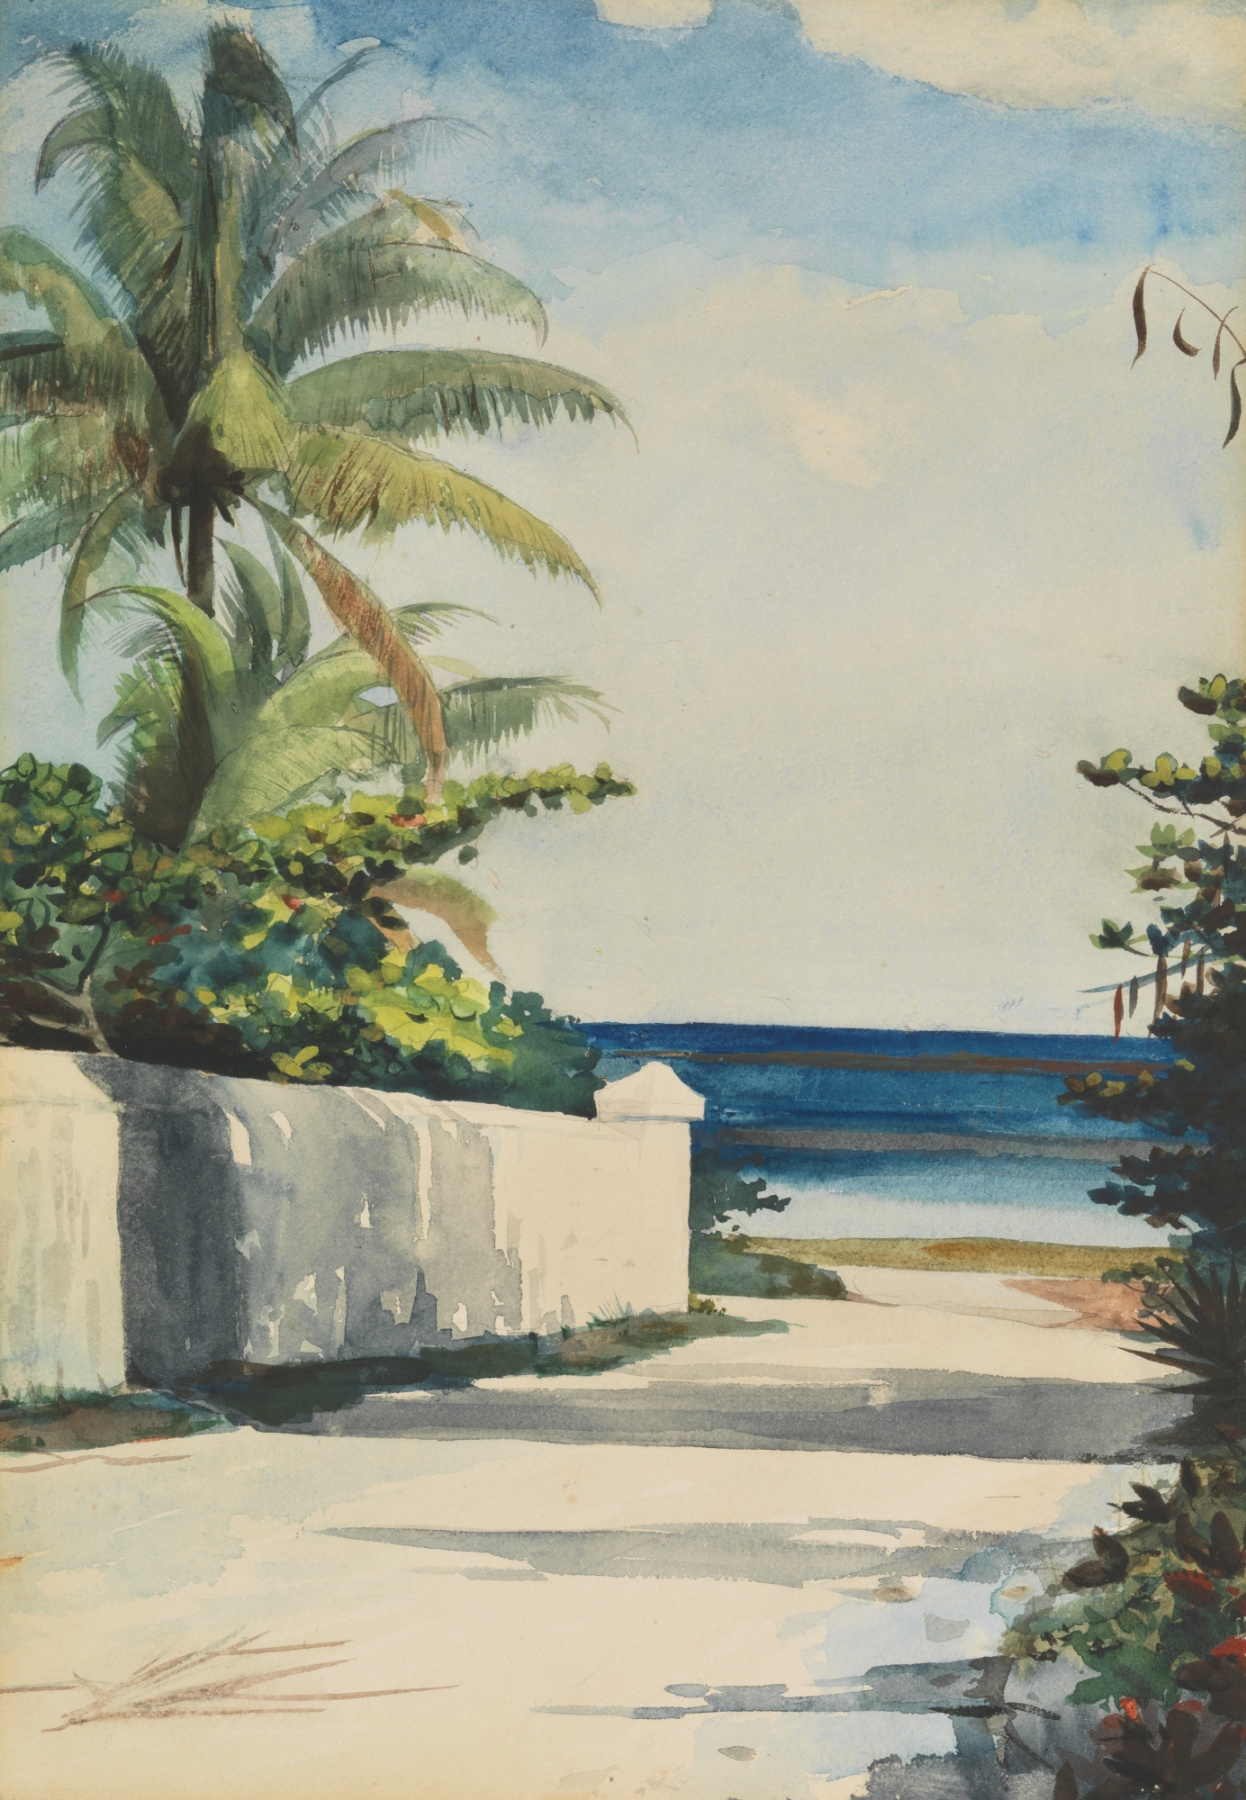 Winslow Homer. Road in Nassau